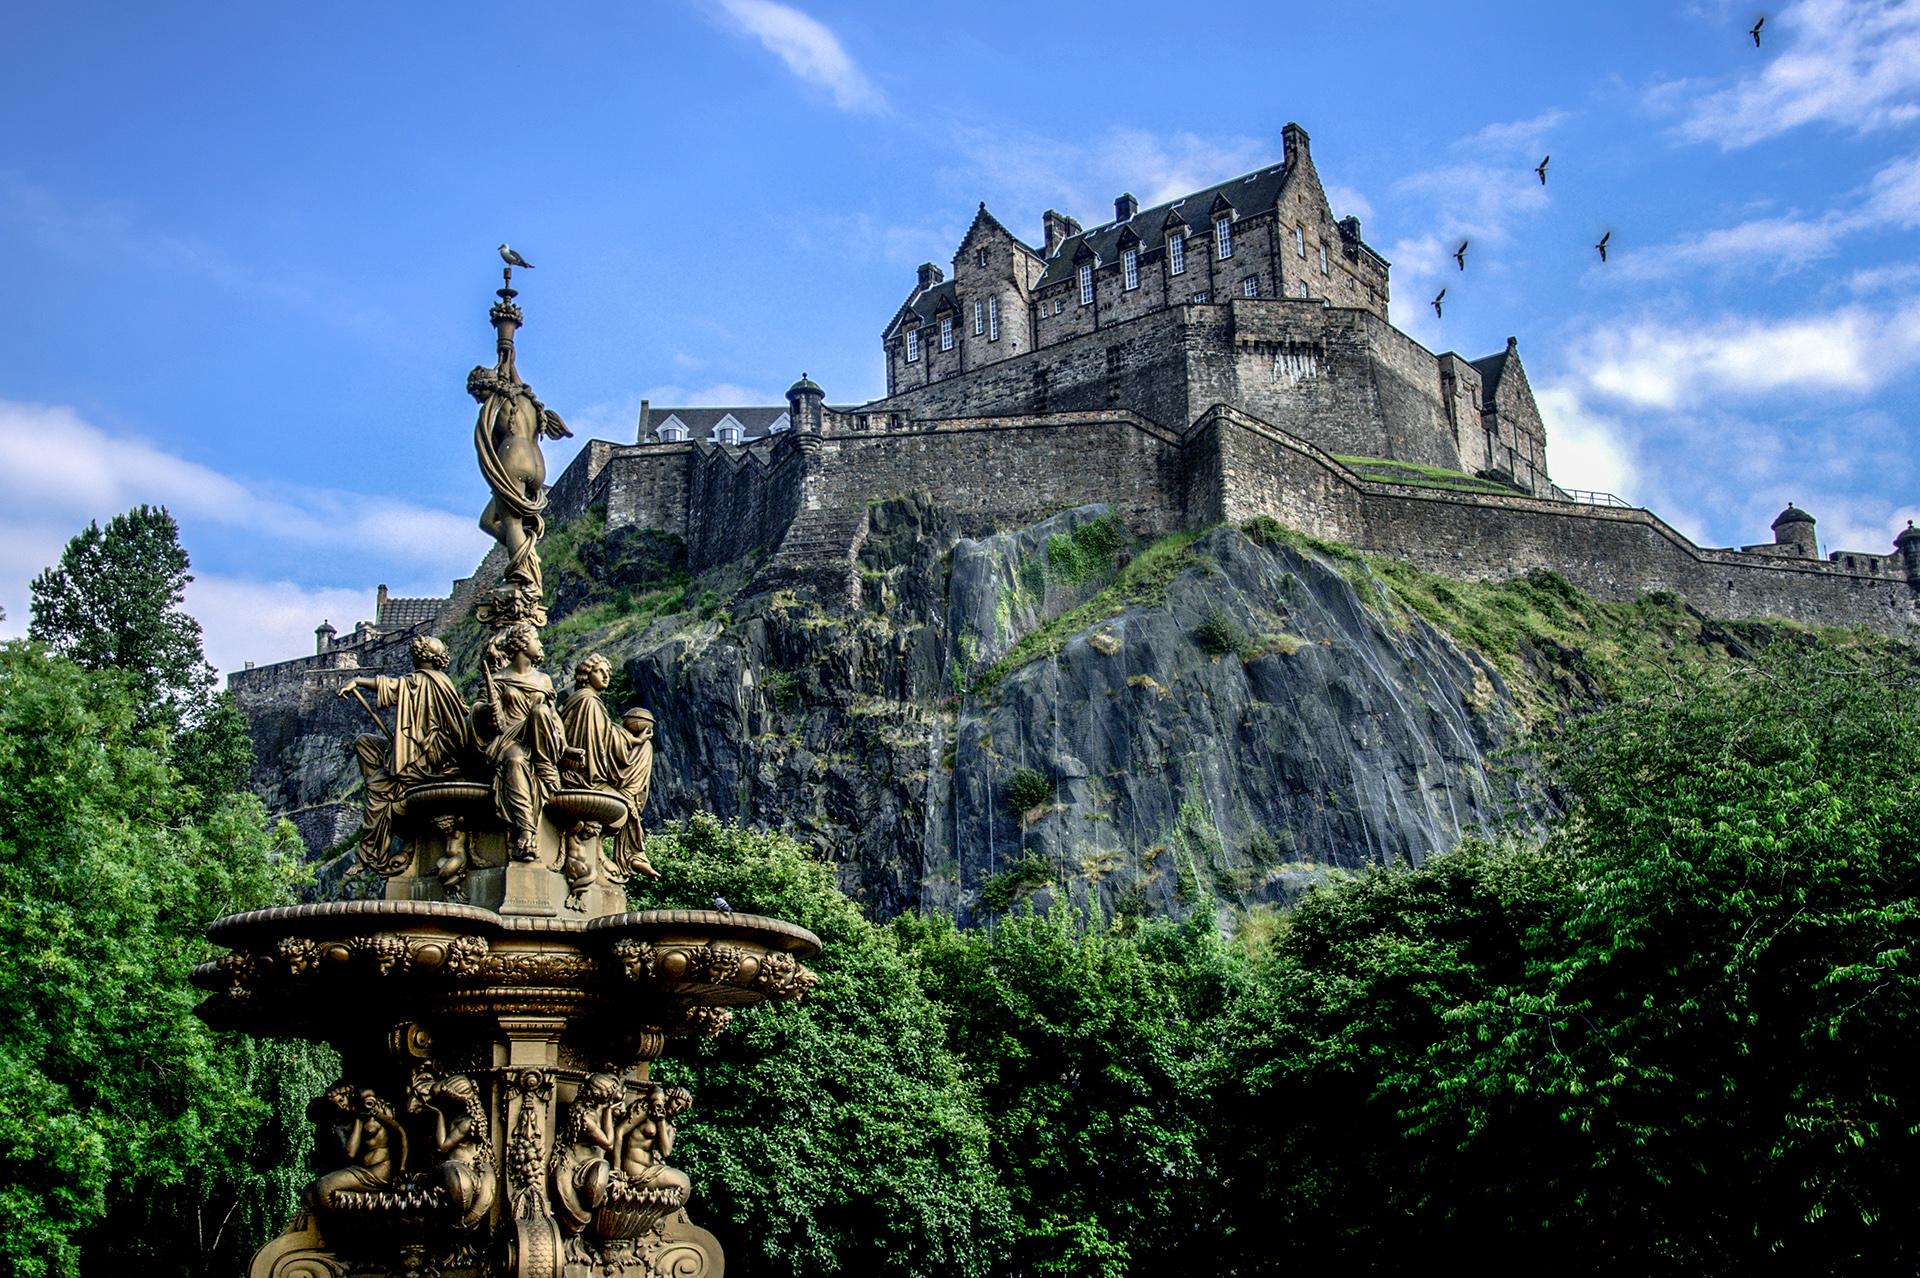 El castillo de Edimburgo es uno de los sitios fortificados más antiguos de Europa, y la atracción paga más visitada en toda Escocia. Para los fanáticos de Harry Potter, deben visitar los coloridos edificios en Victoria Street que inspiraron el Callejón Diagon